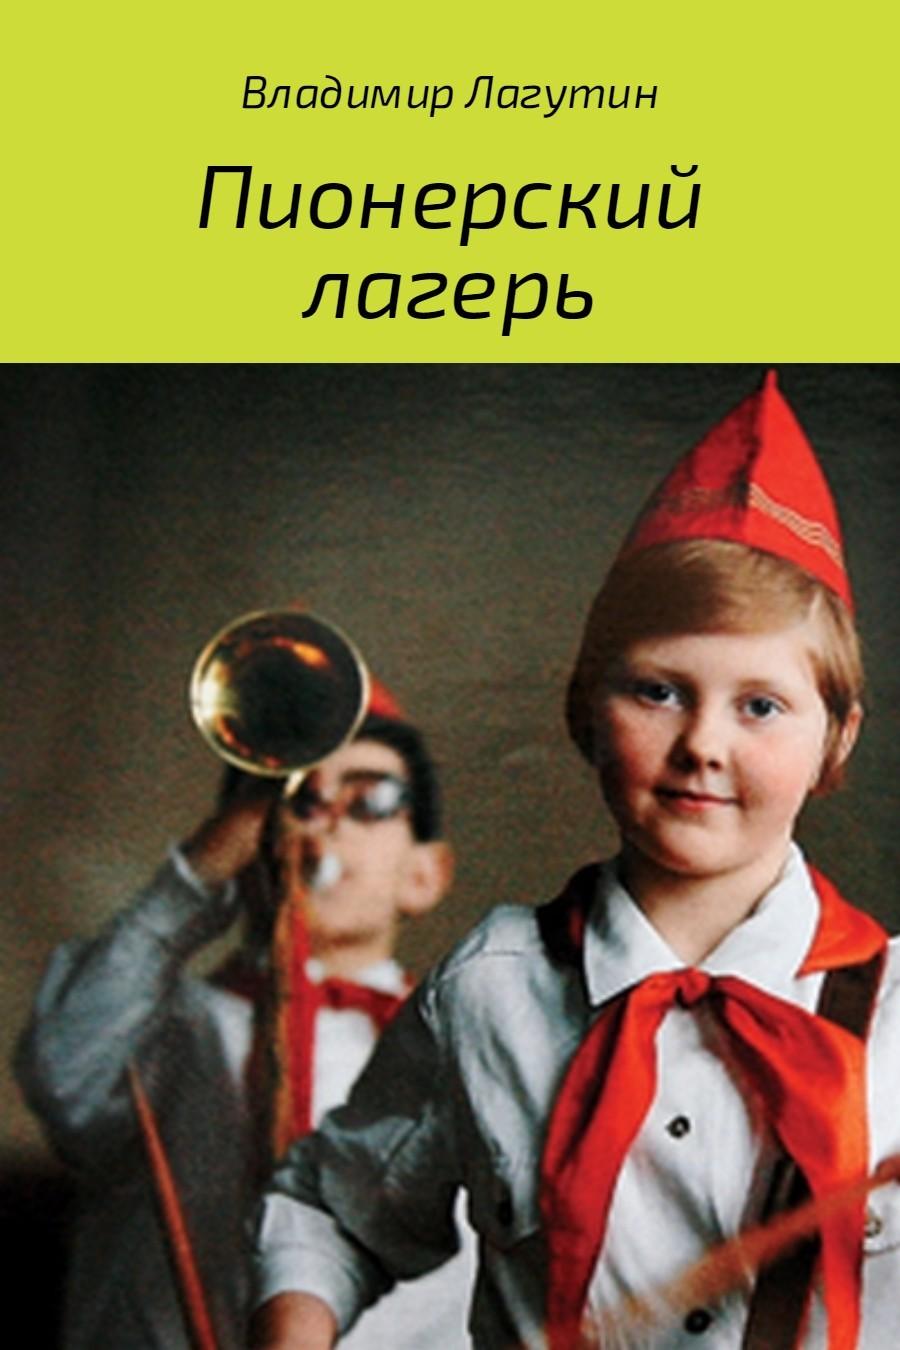 Обложка книги Пионерский лагерь, автор Лагутин, Владимир Владимирович